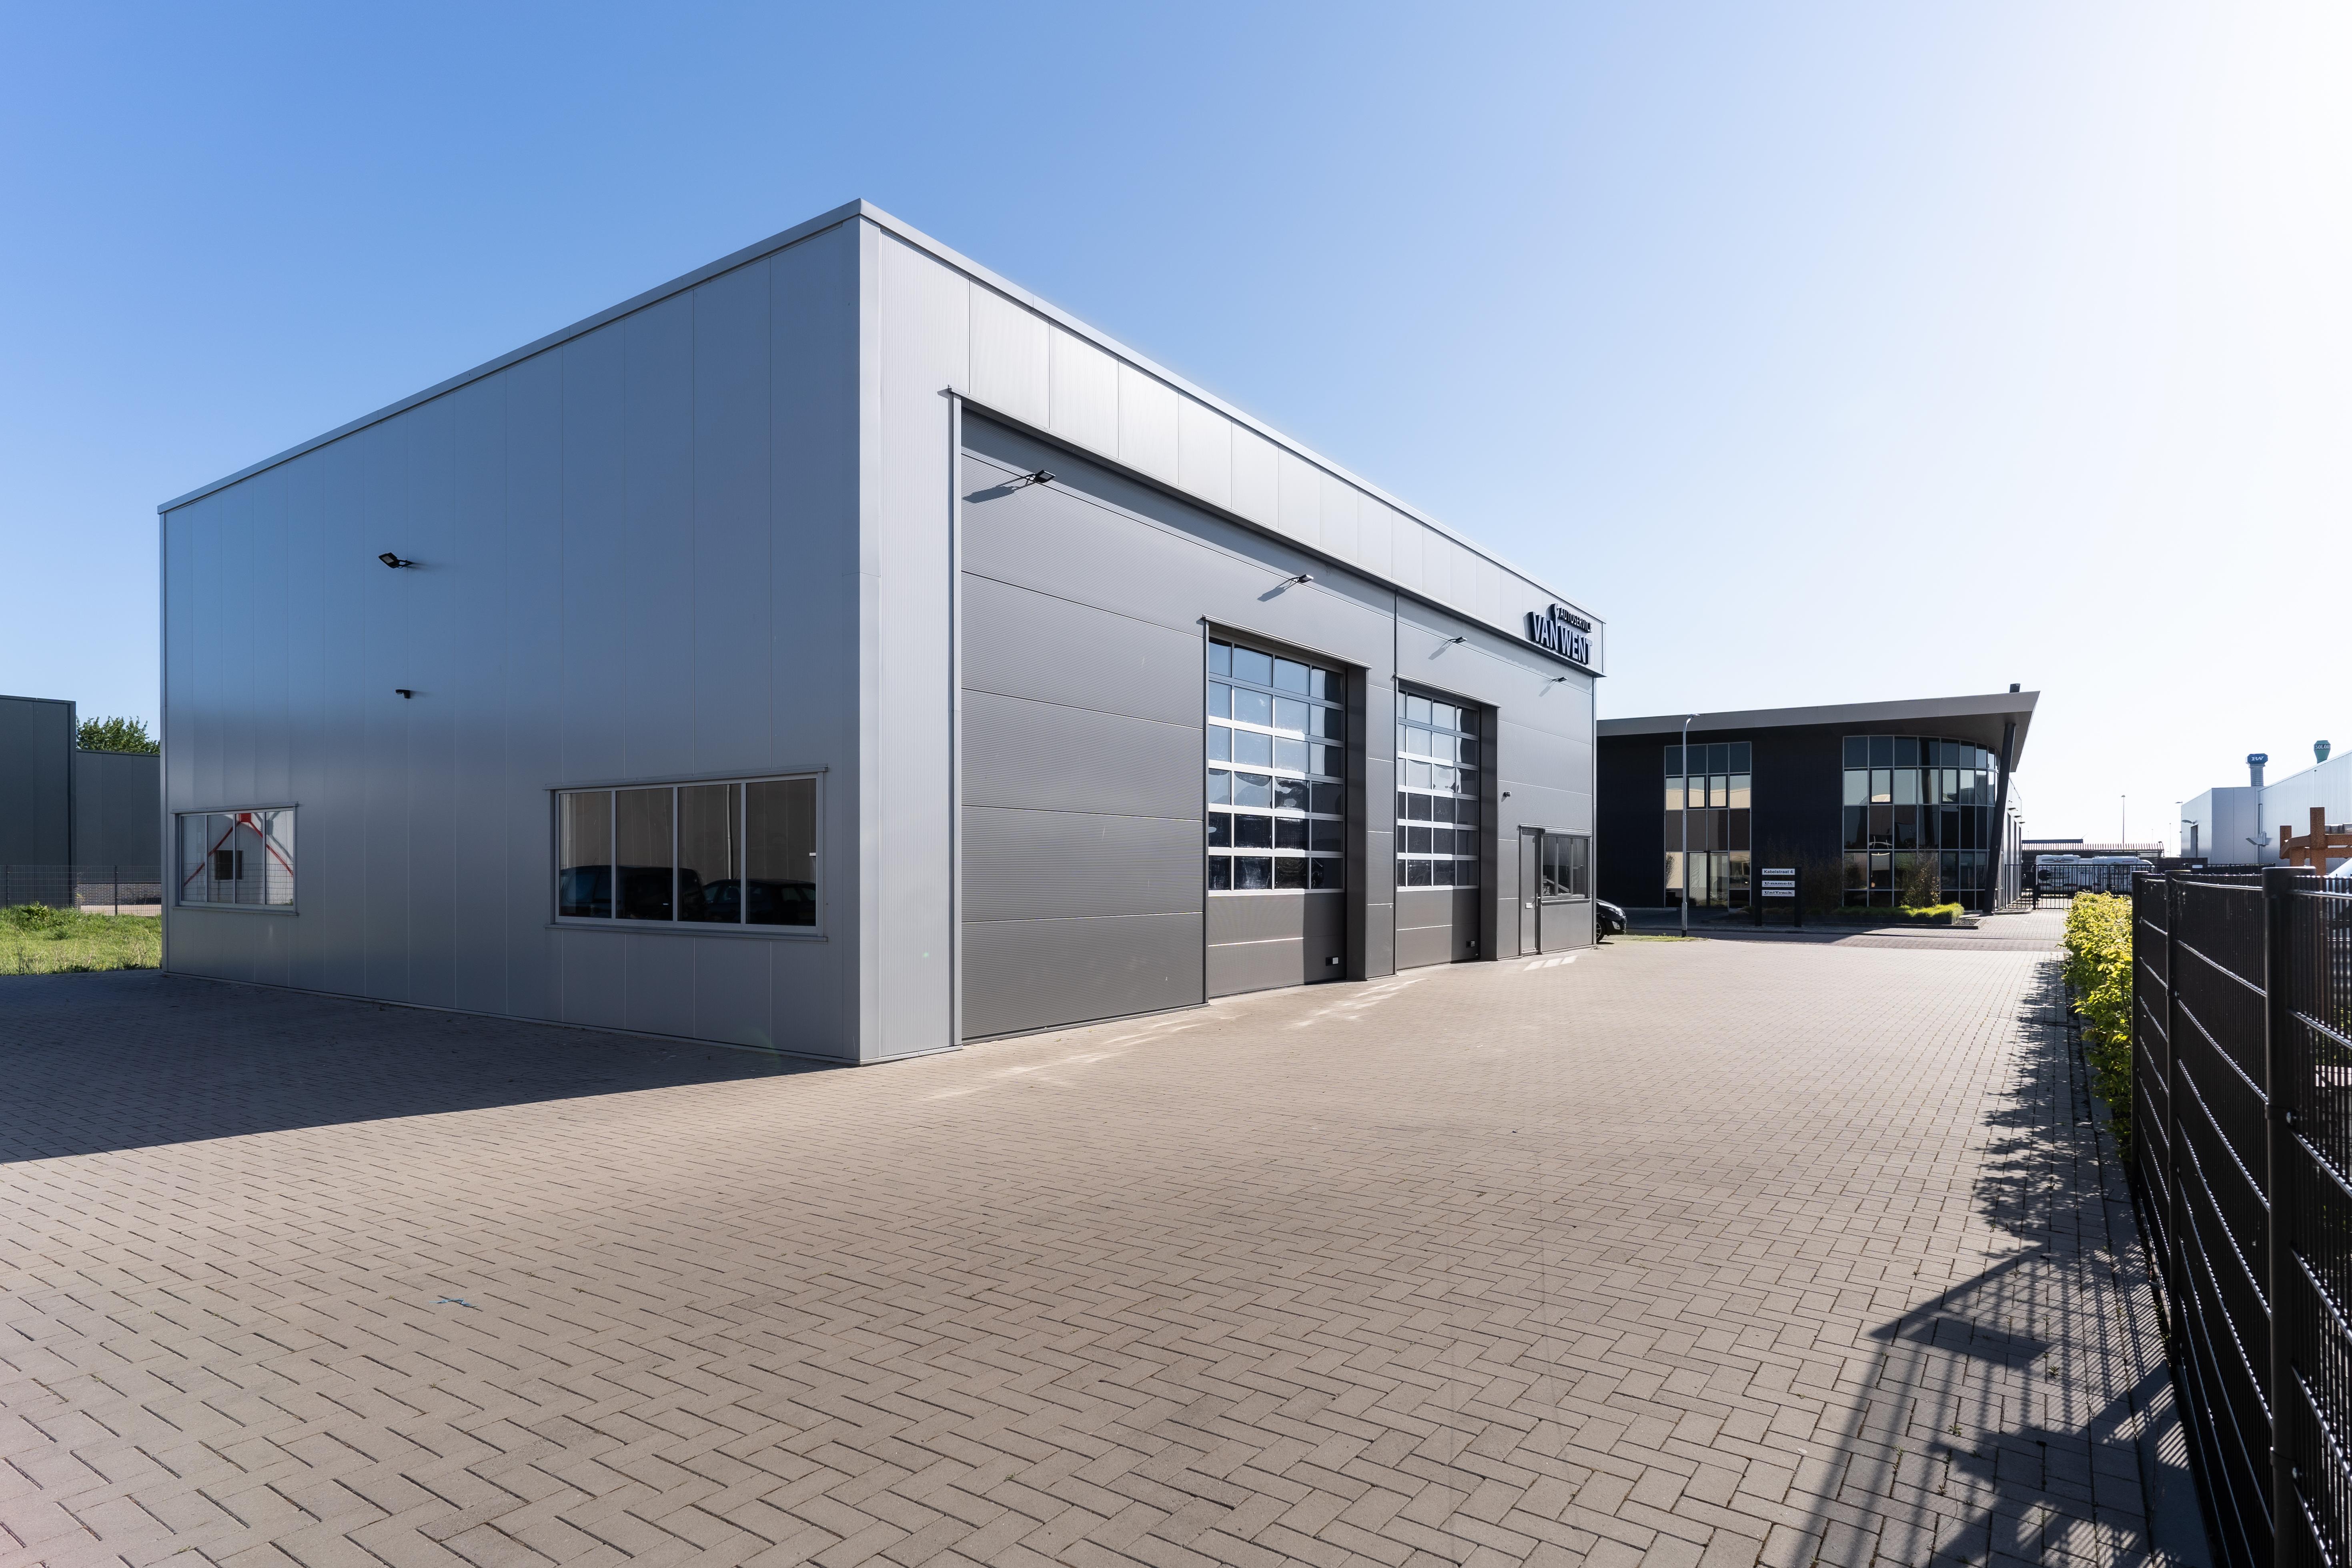 Nieuwbouw bedrijfsruimte / werkplaats